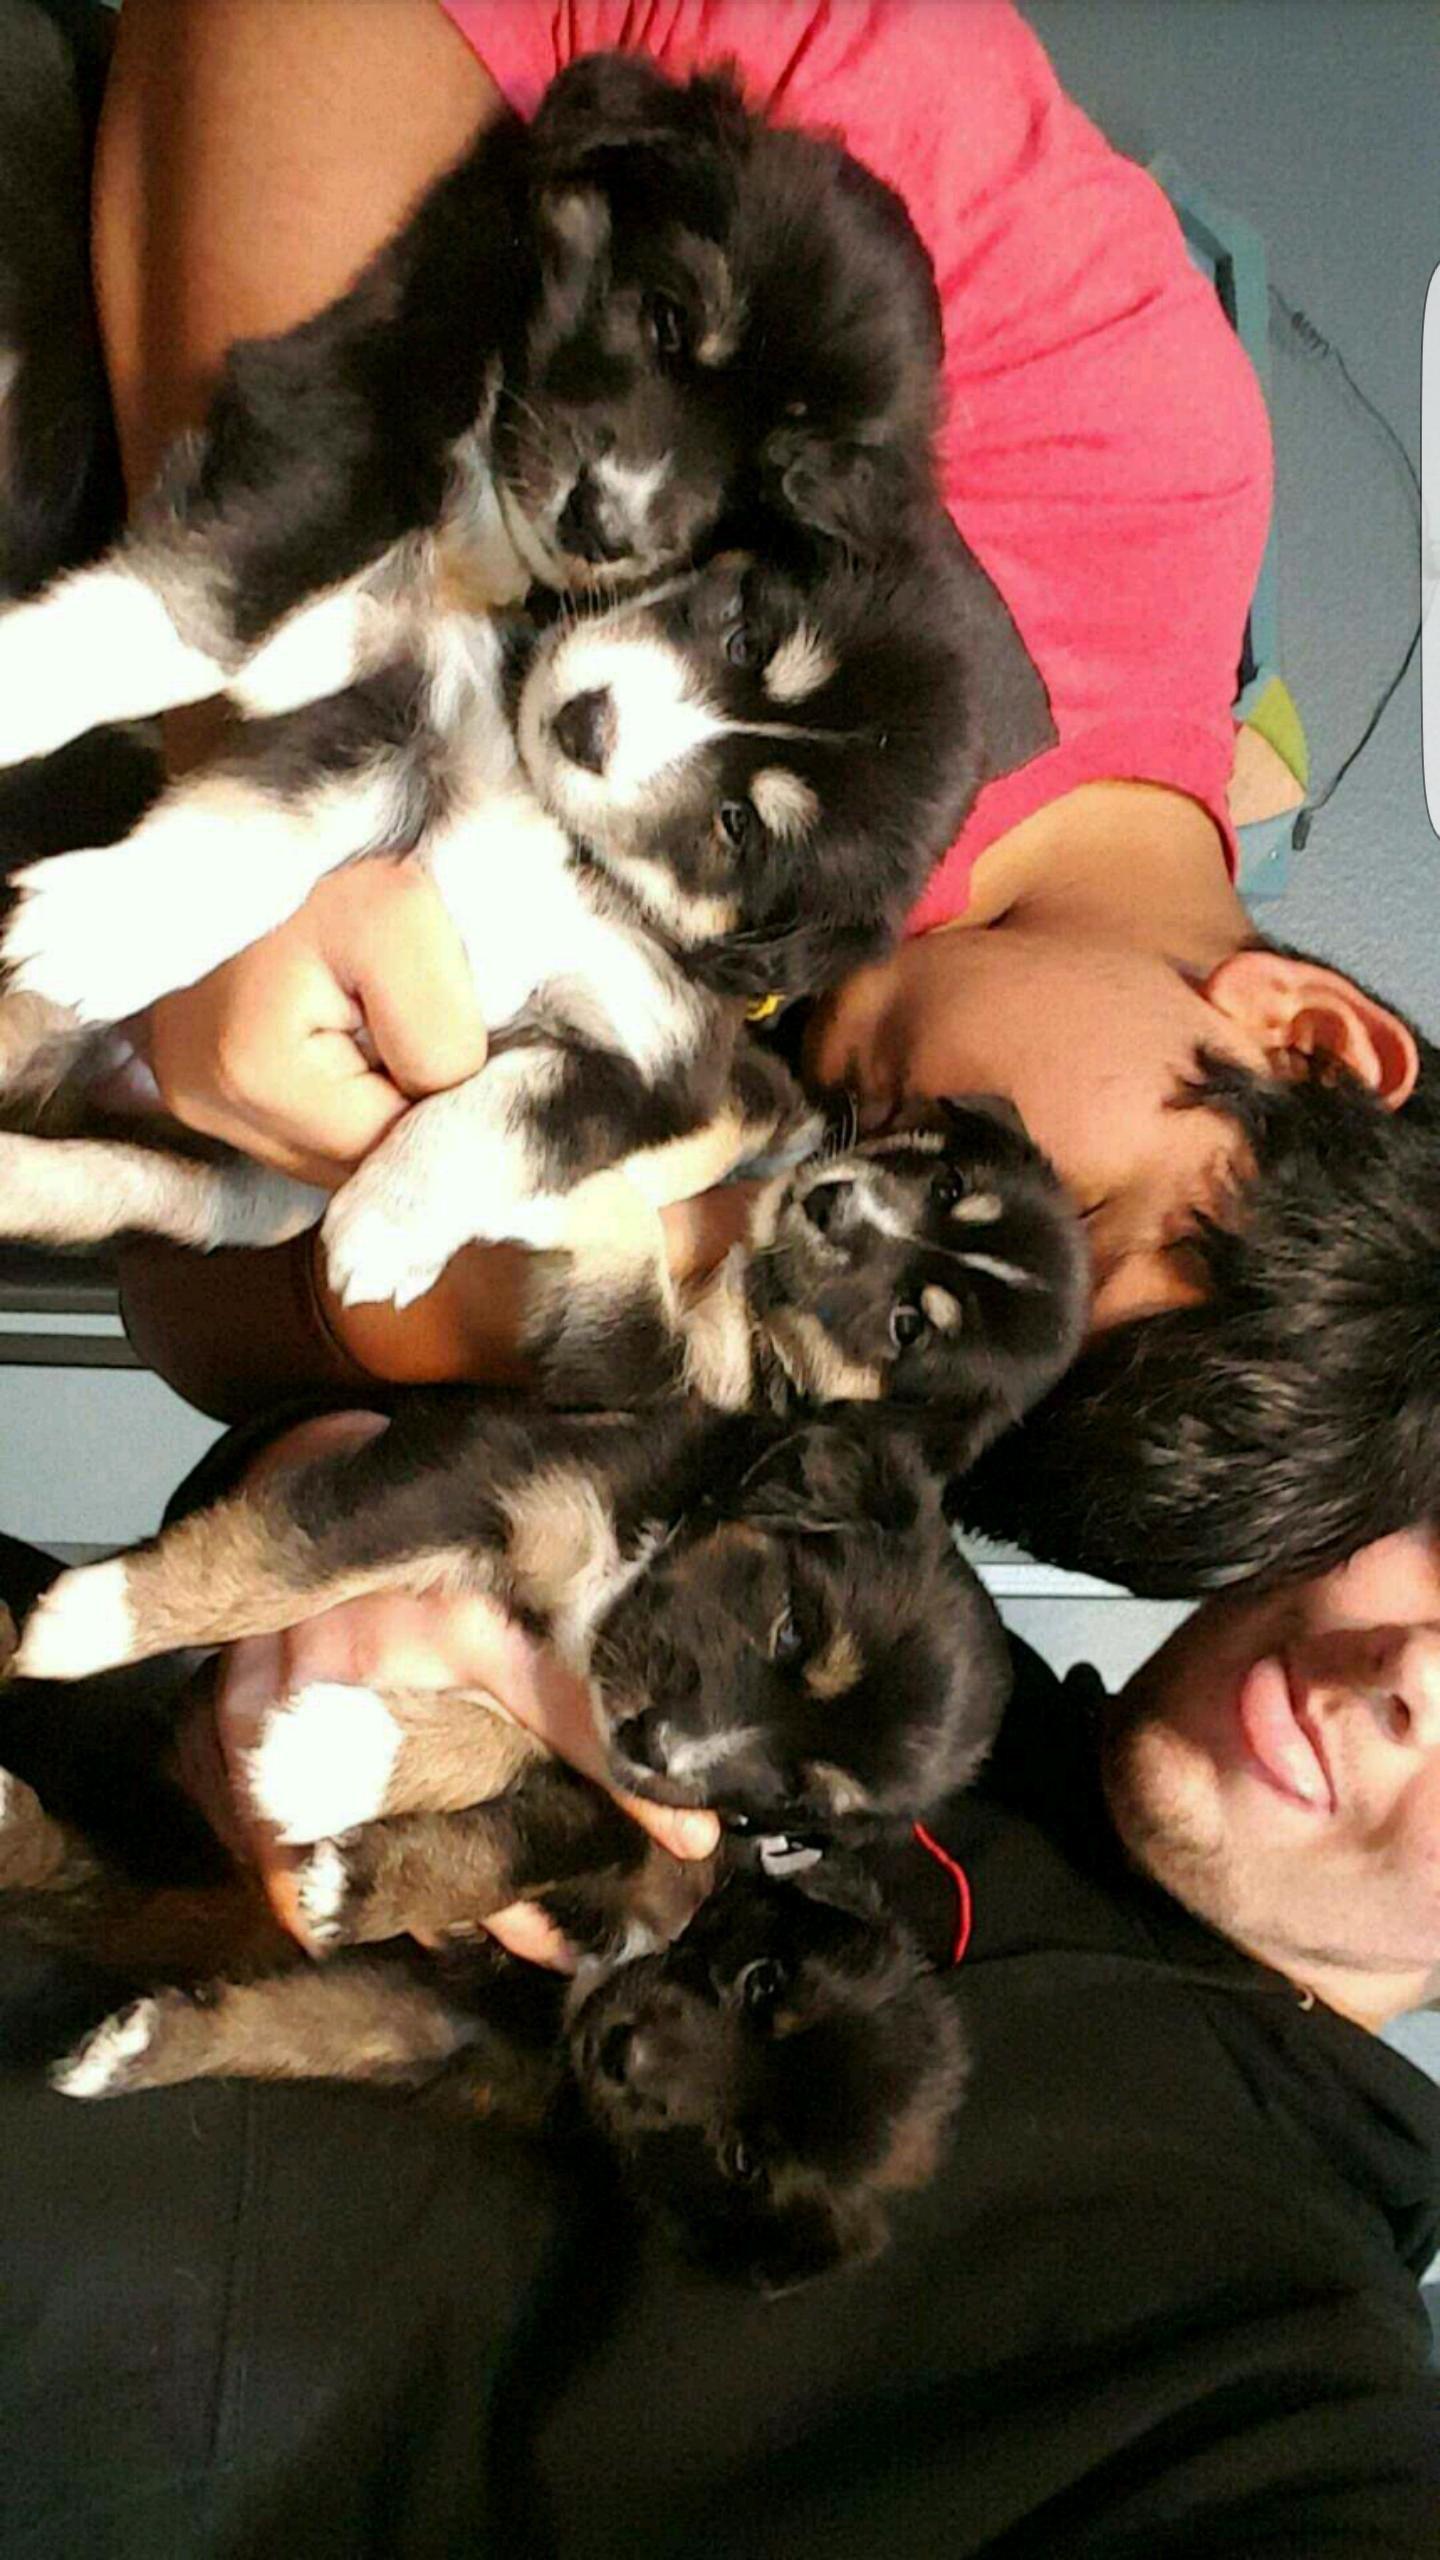 5 little pups